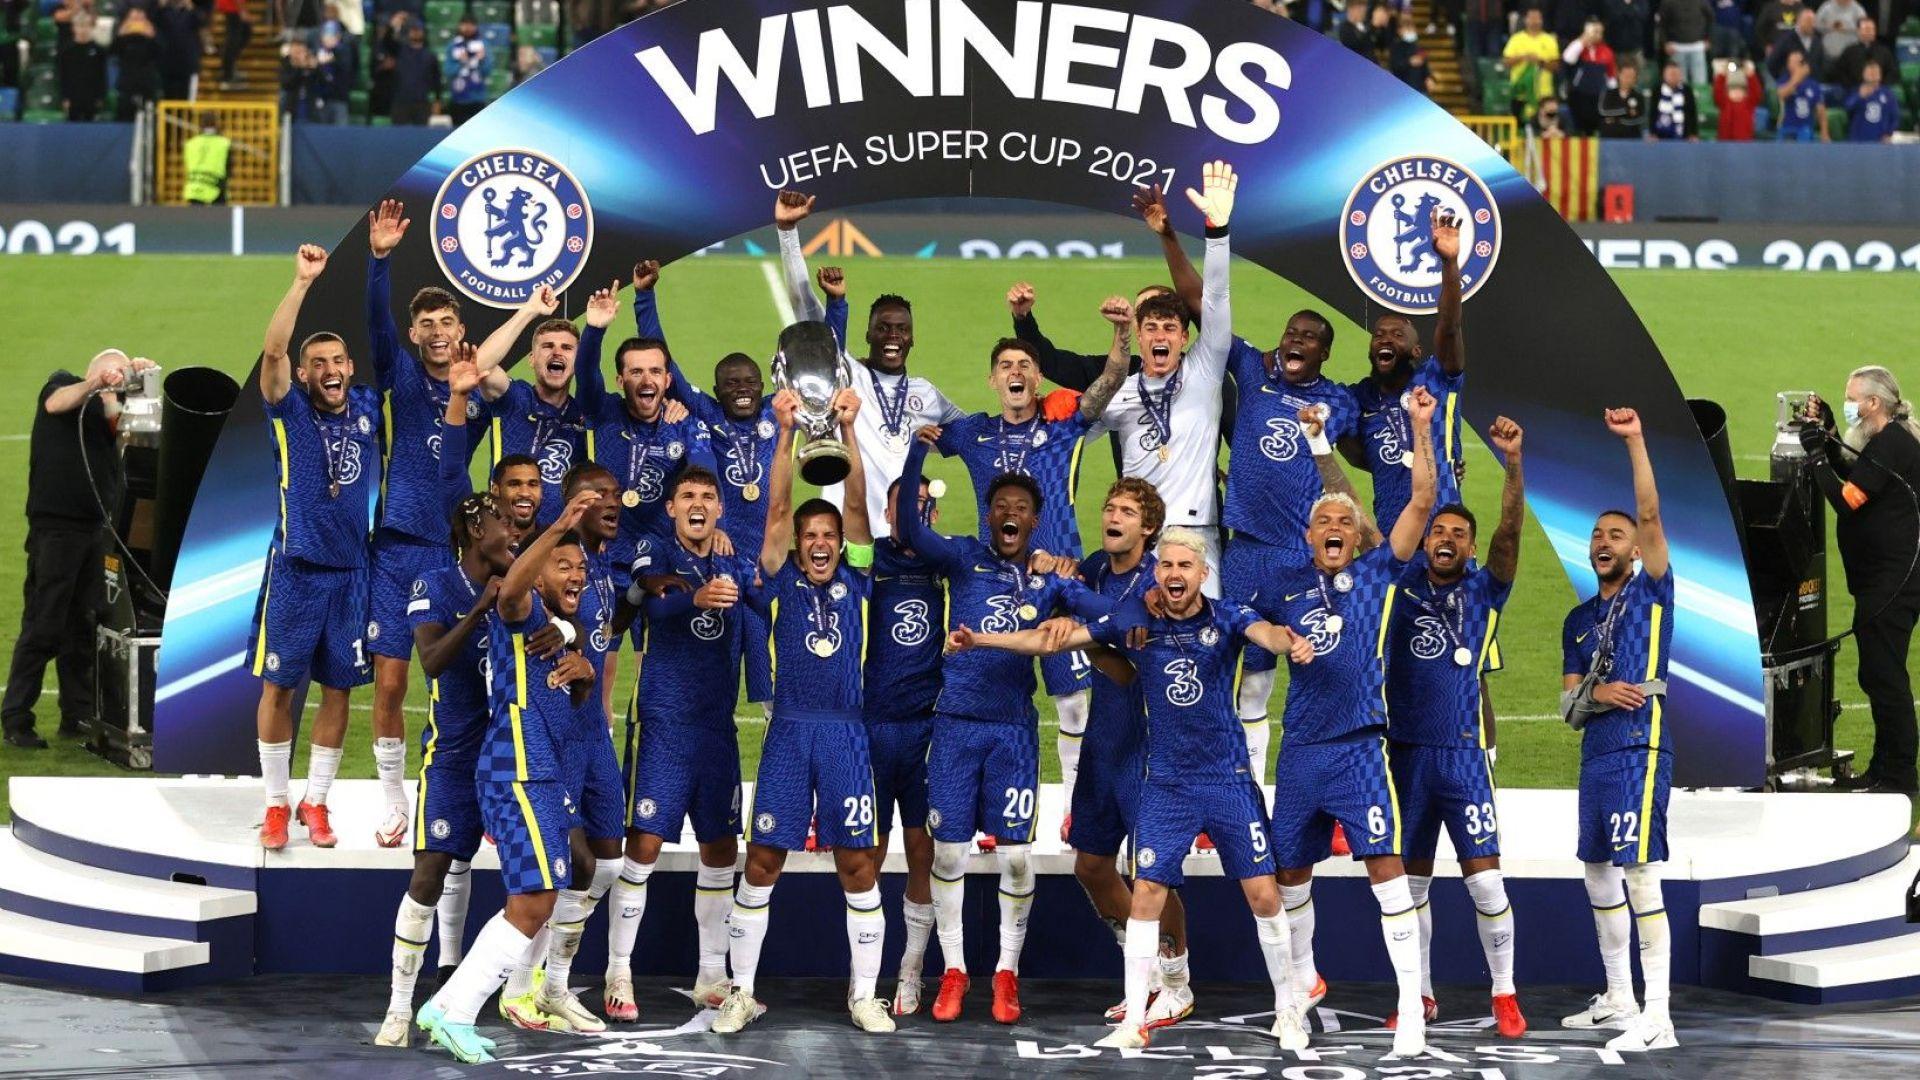 Шампионът на Европа Челси взе и Суперкупата след драма с дузпи